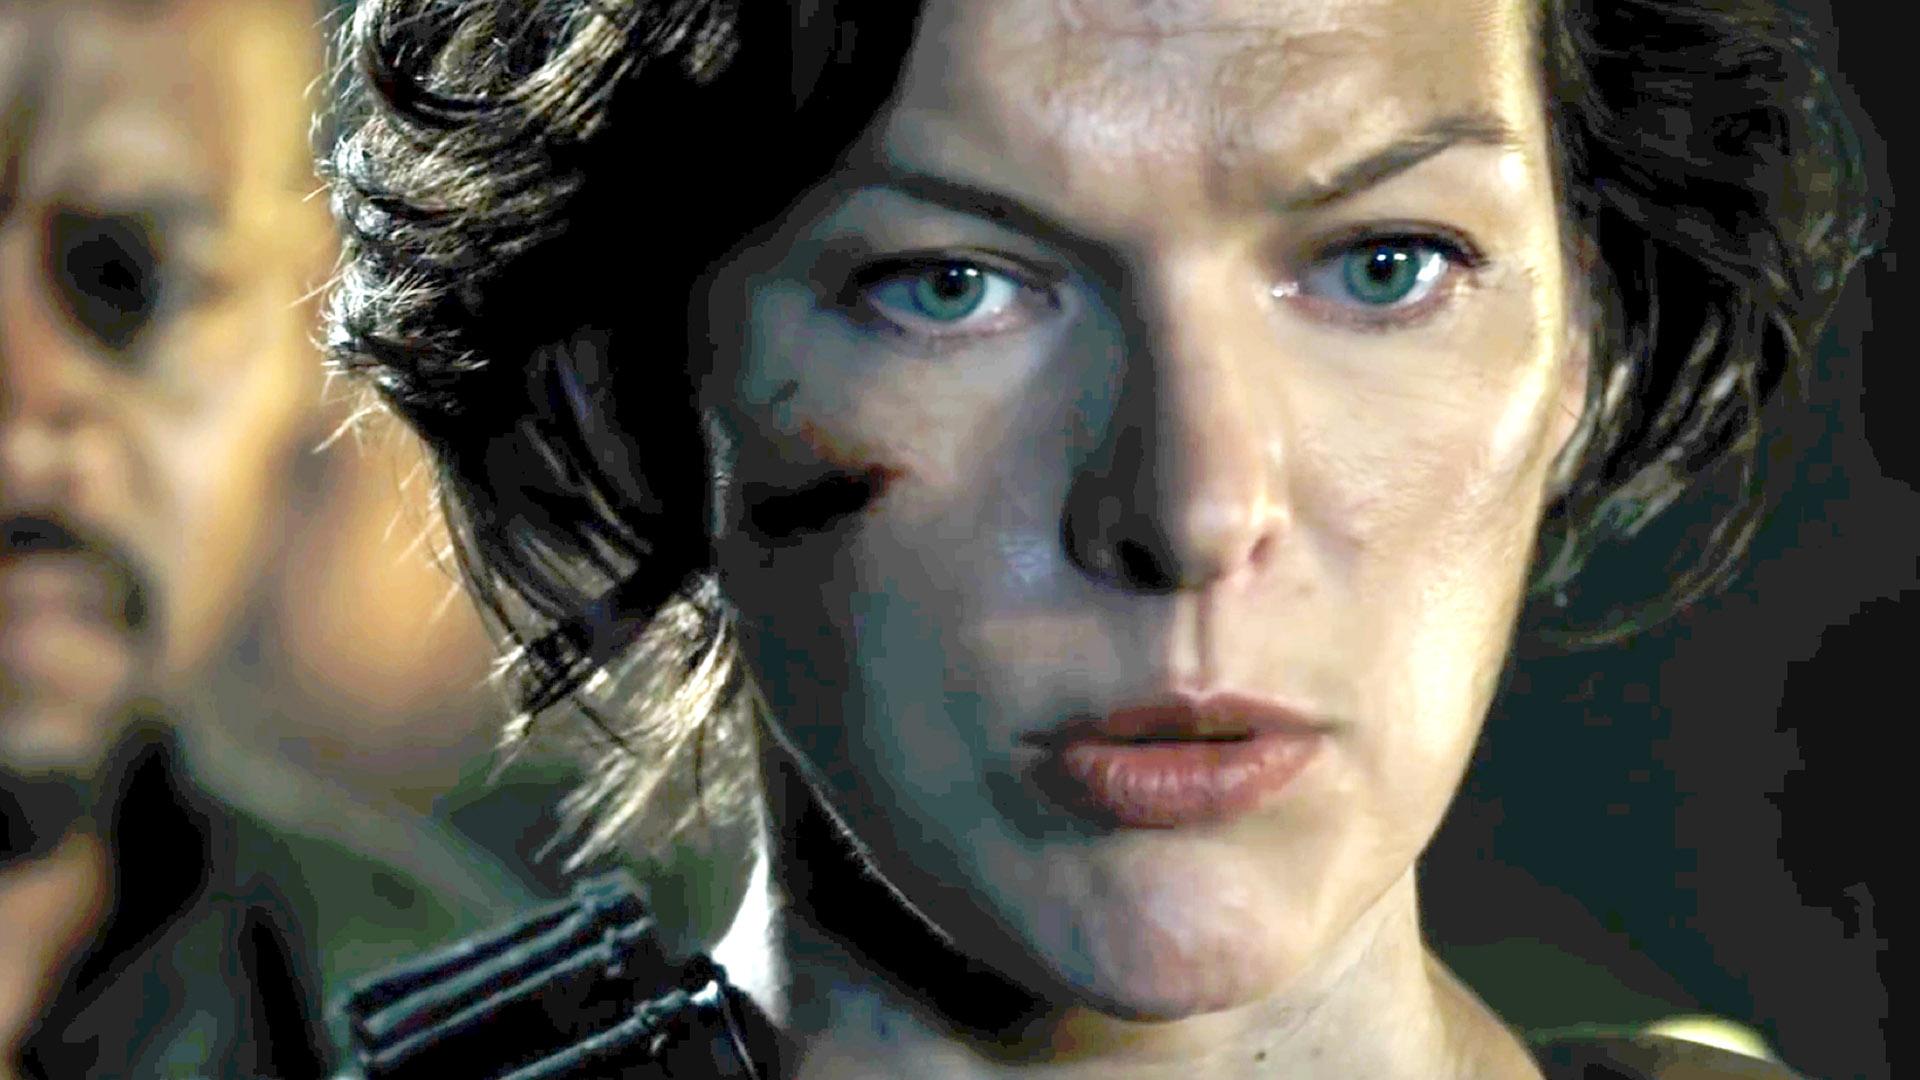 Abigail Resident Evil Final Chapter Wallpaper 22479: Resident Evil: The Final Chapter (2017)